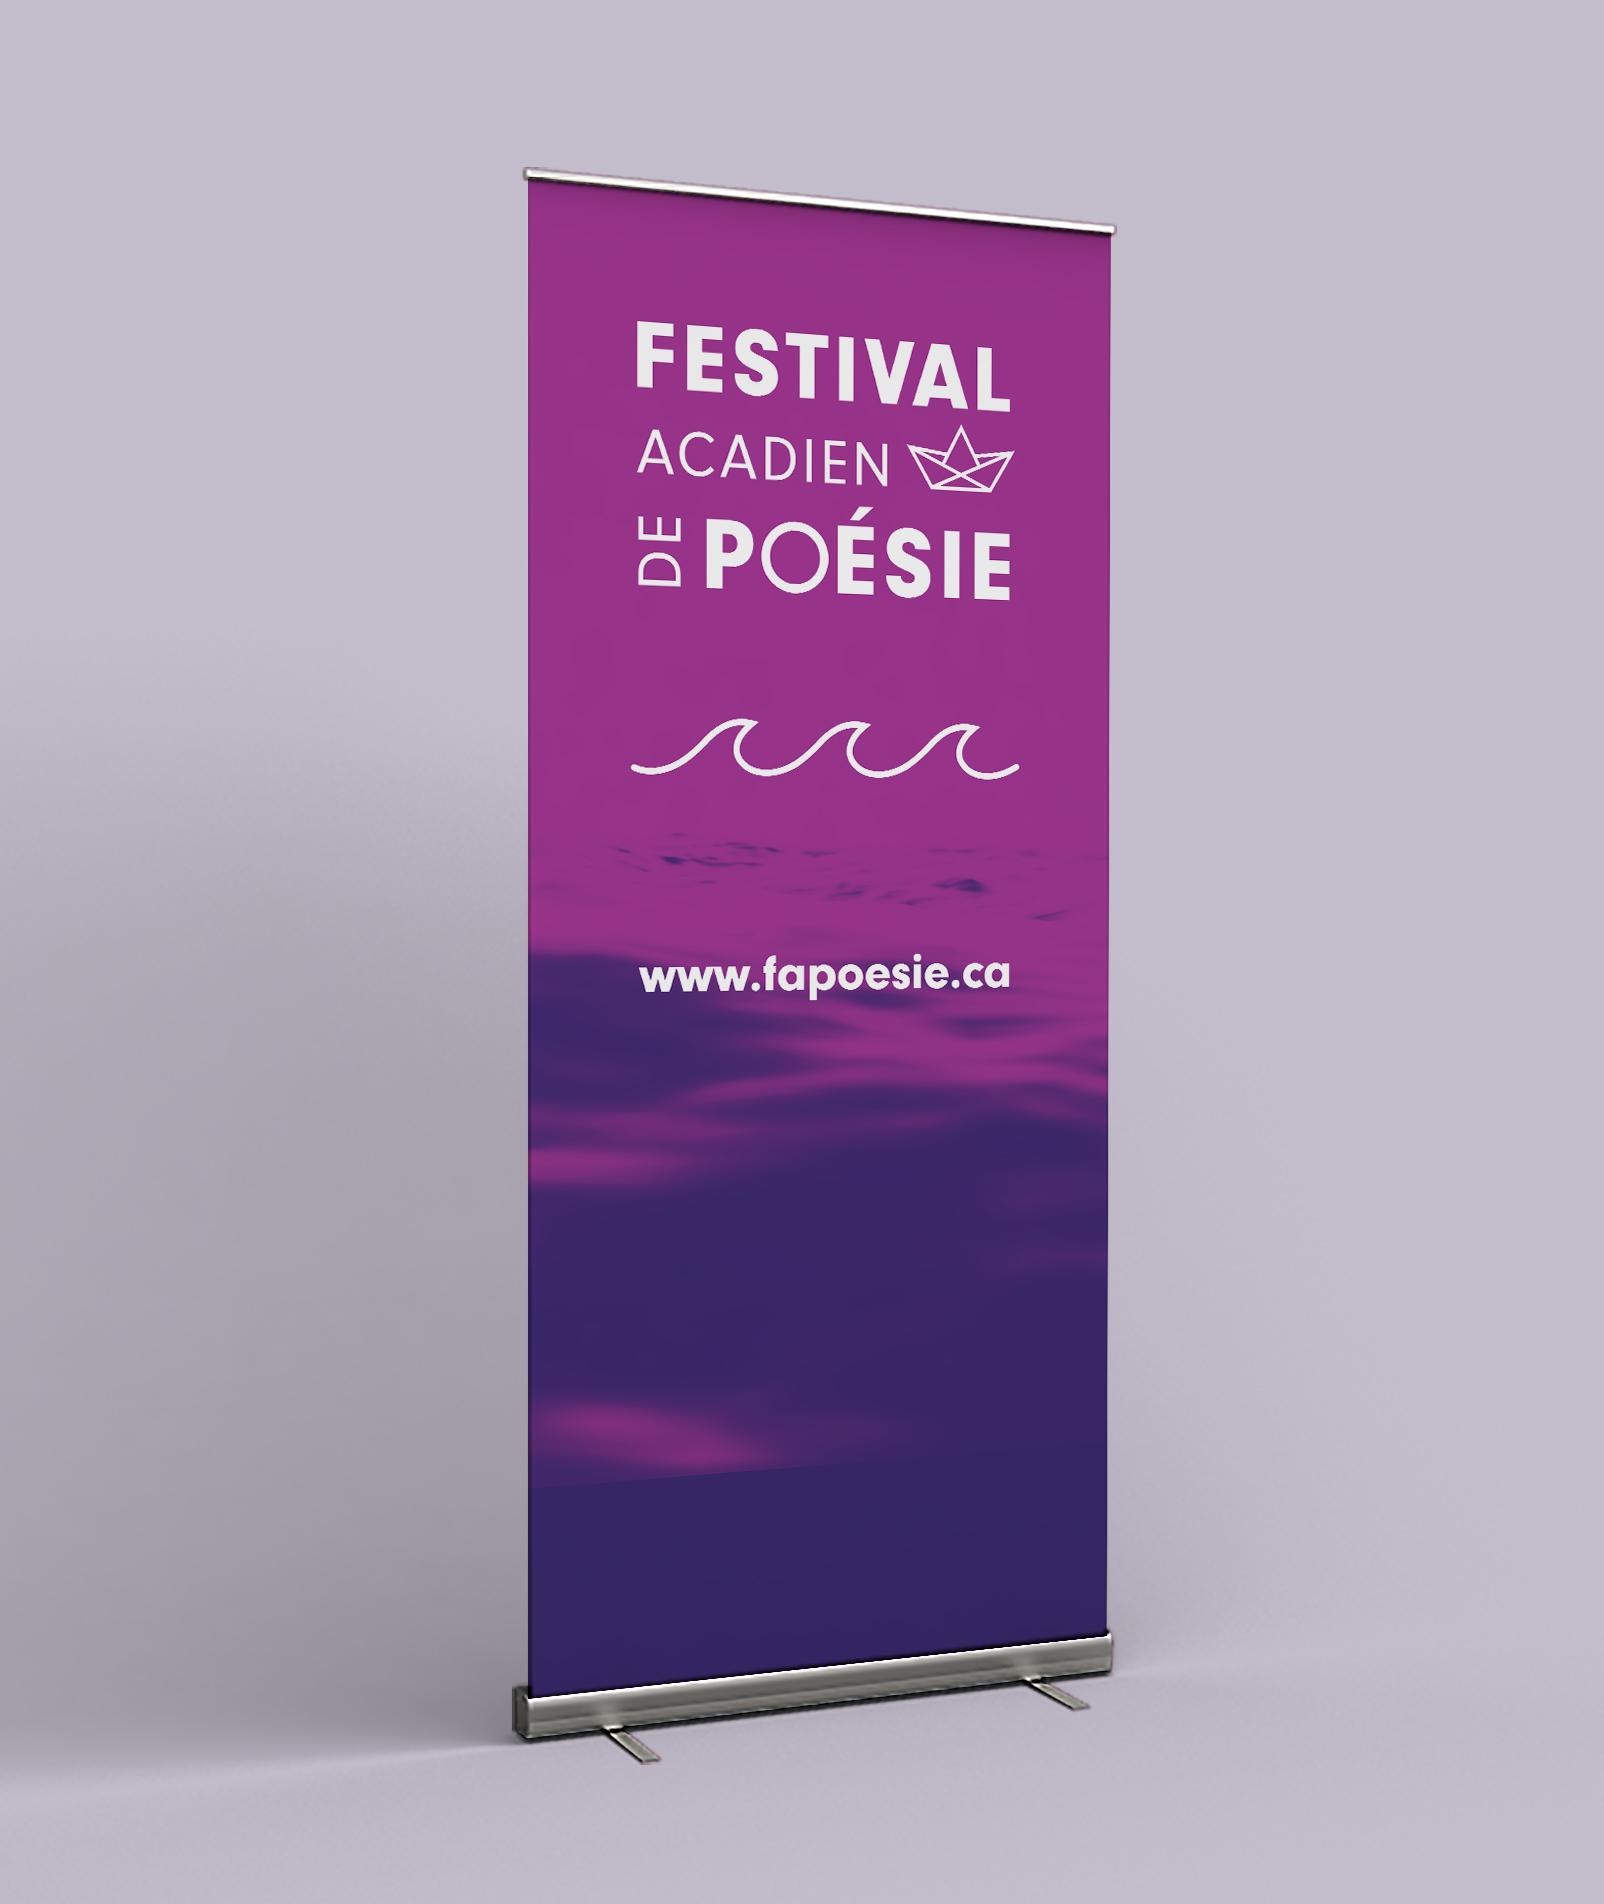 Festival acadien de poésie de Caraquet